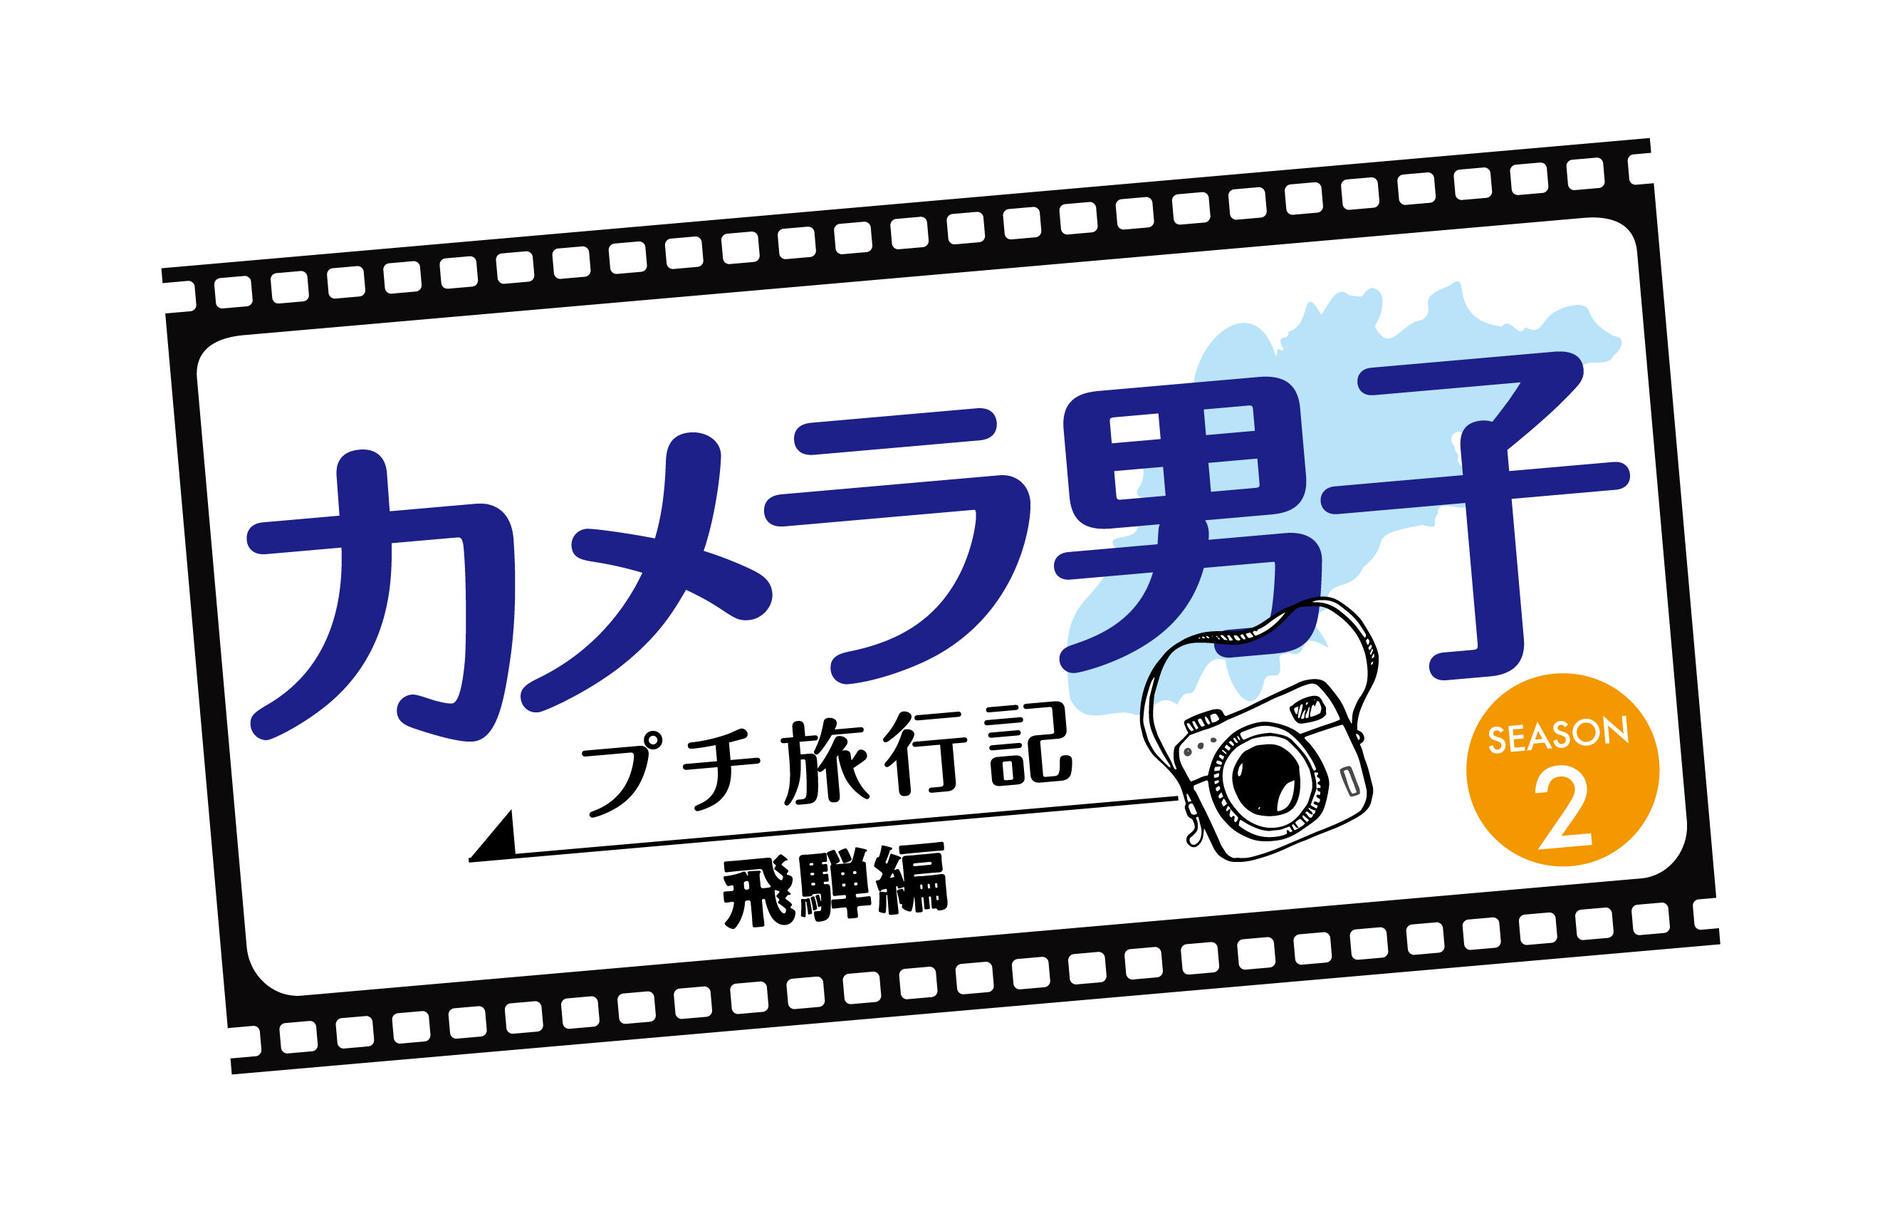 「カメラ男子 プチ旅行記」グッズ販売特設サイト